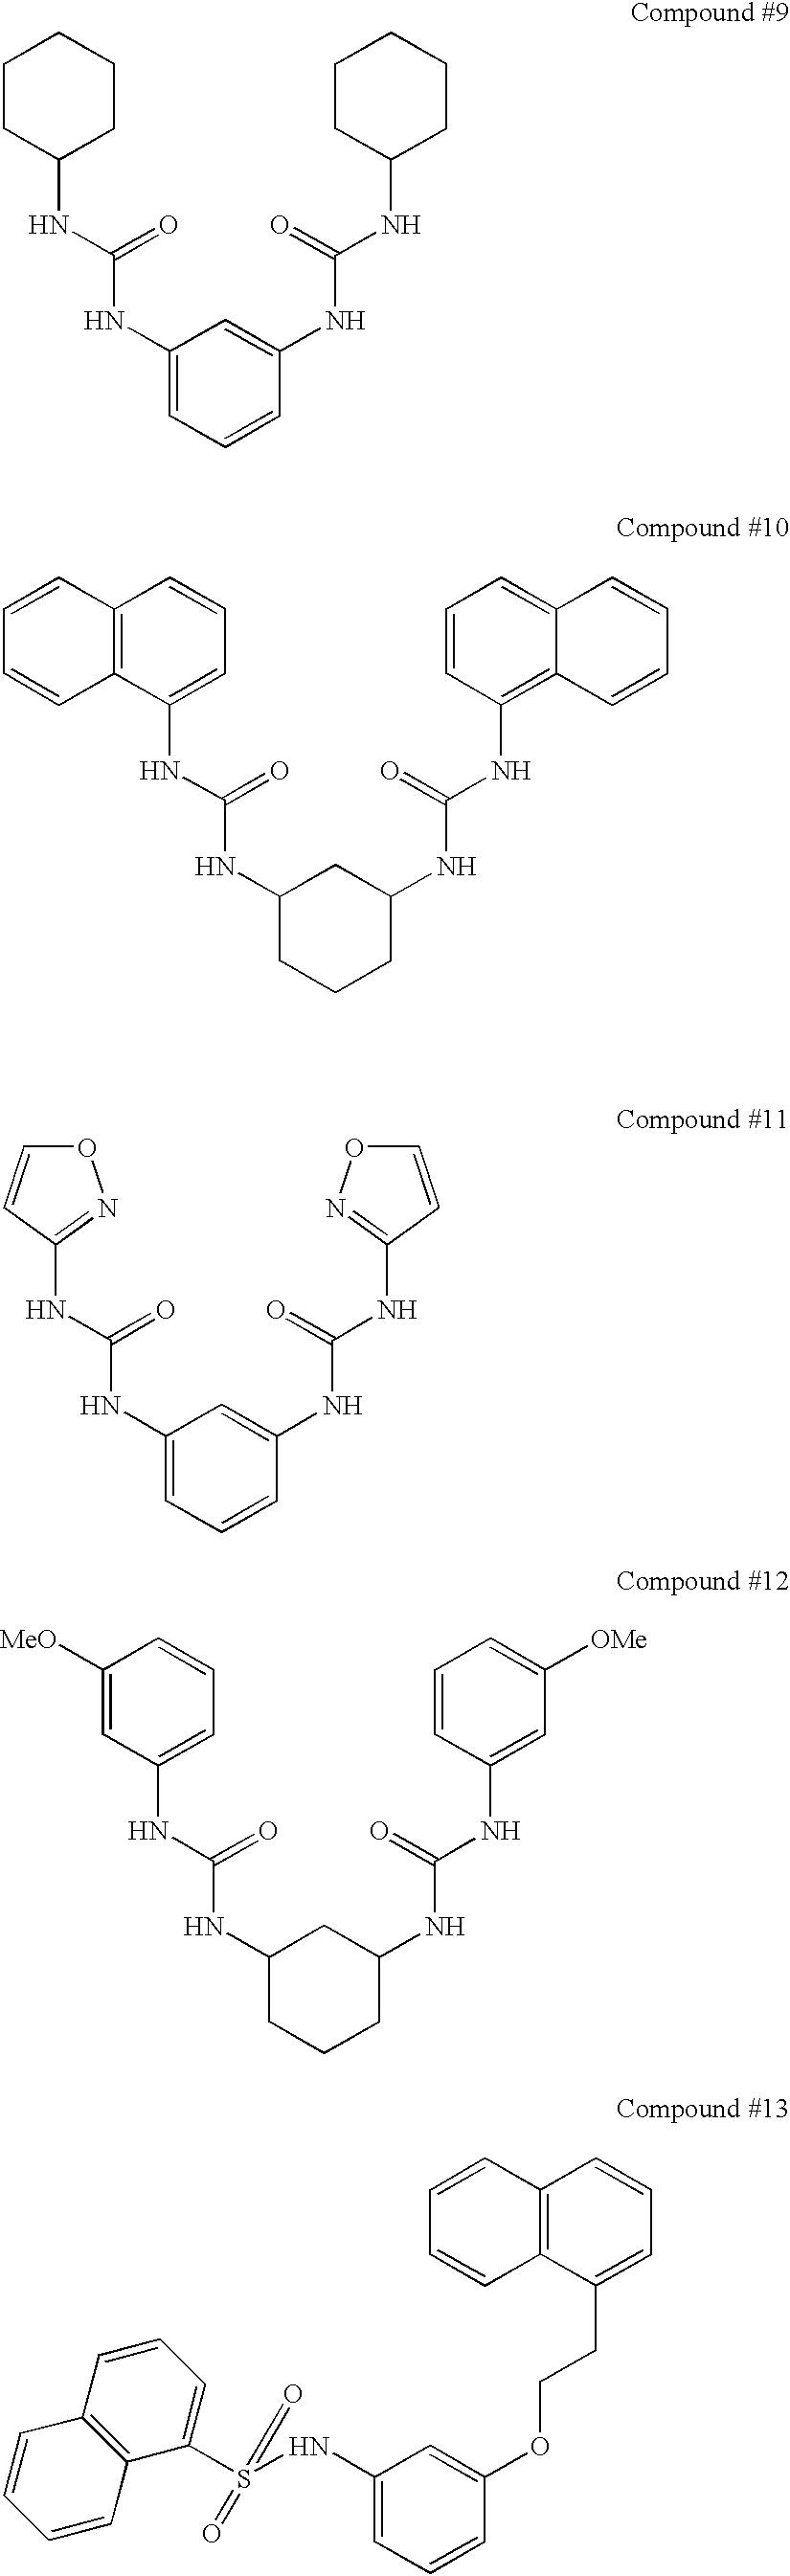 Figure US06593362-20030715-C00004